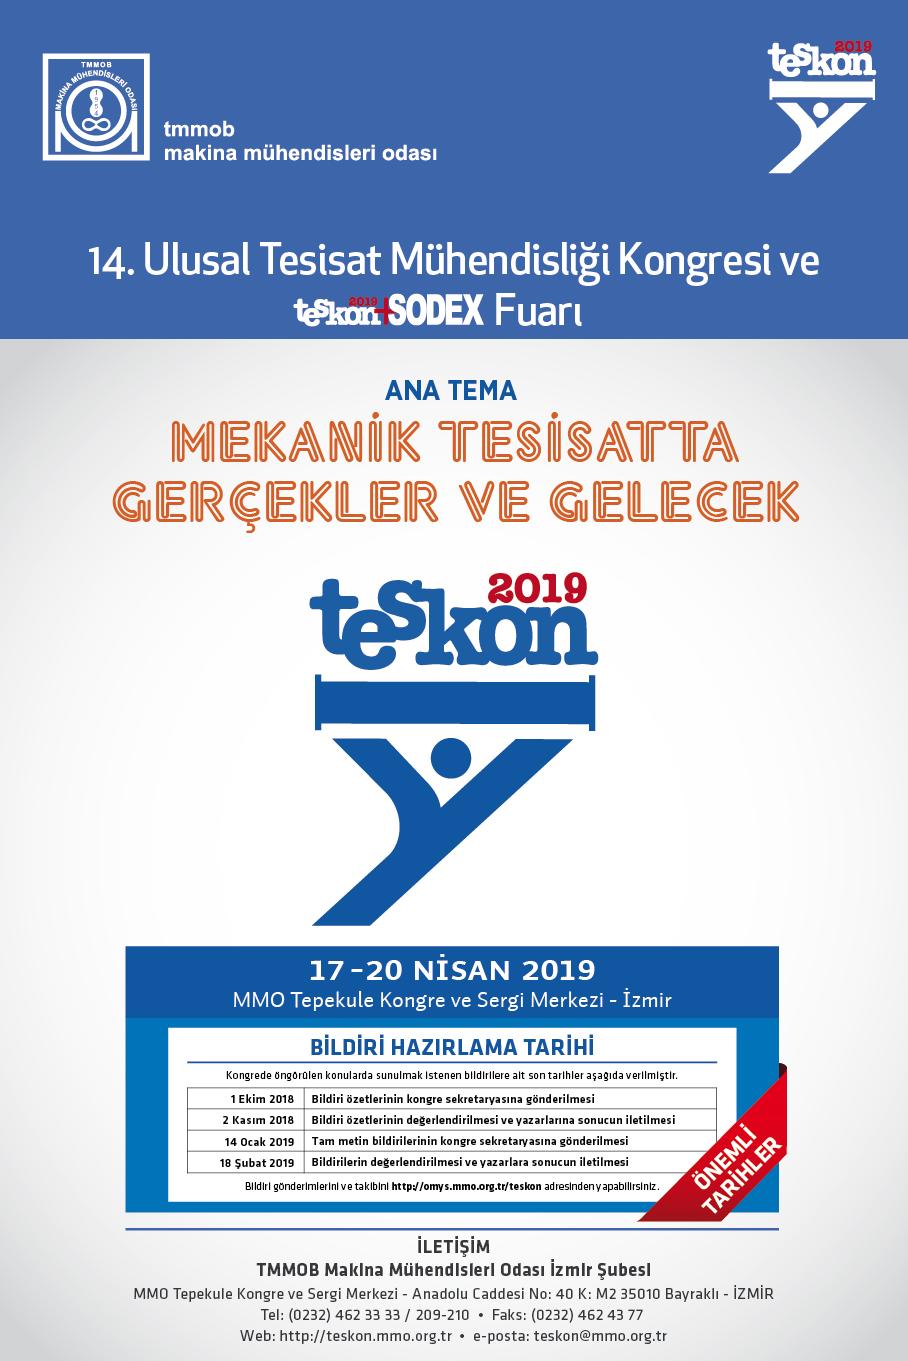 14. Ulusal Tesisat Mühendisliği Kongresi ve Teskon+sodex Fuarı (İzmir)